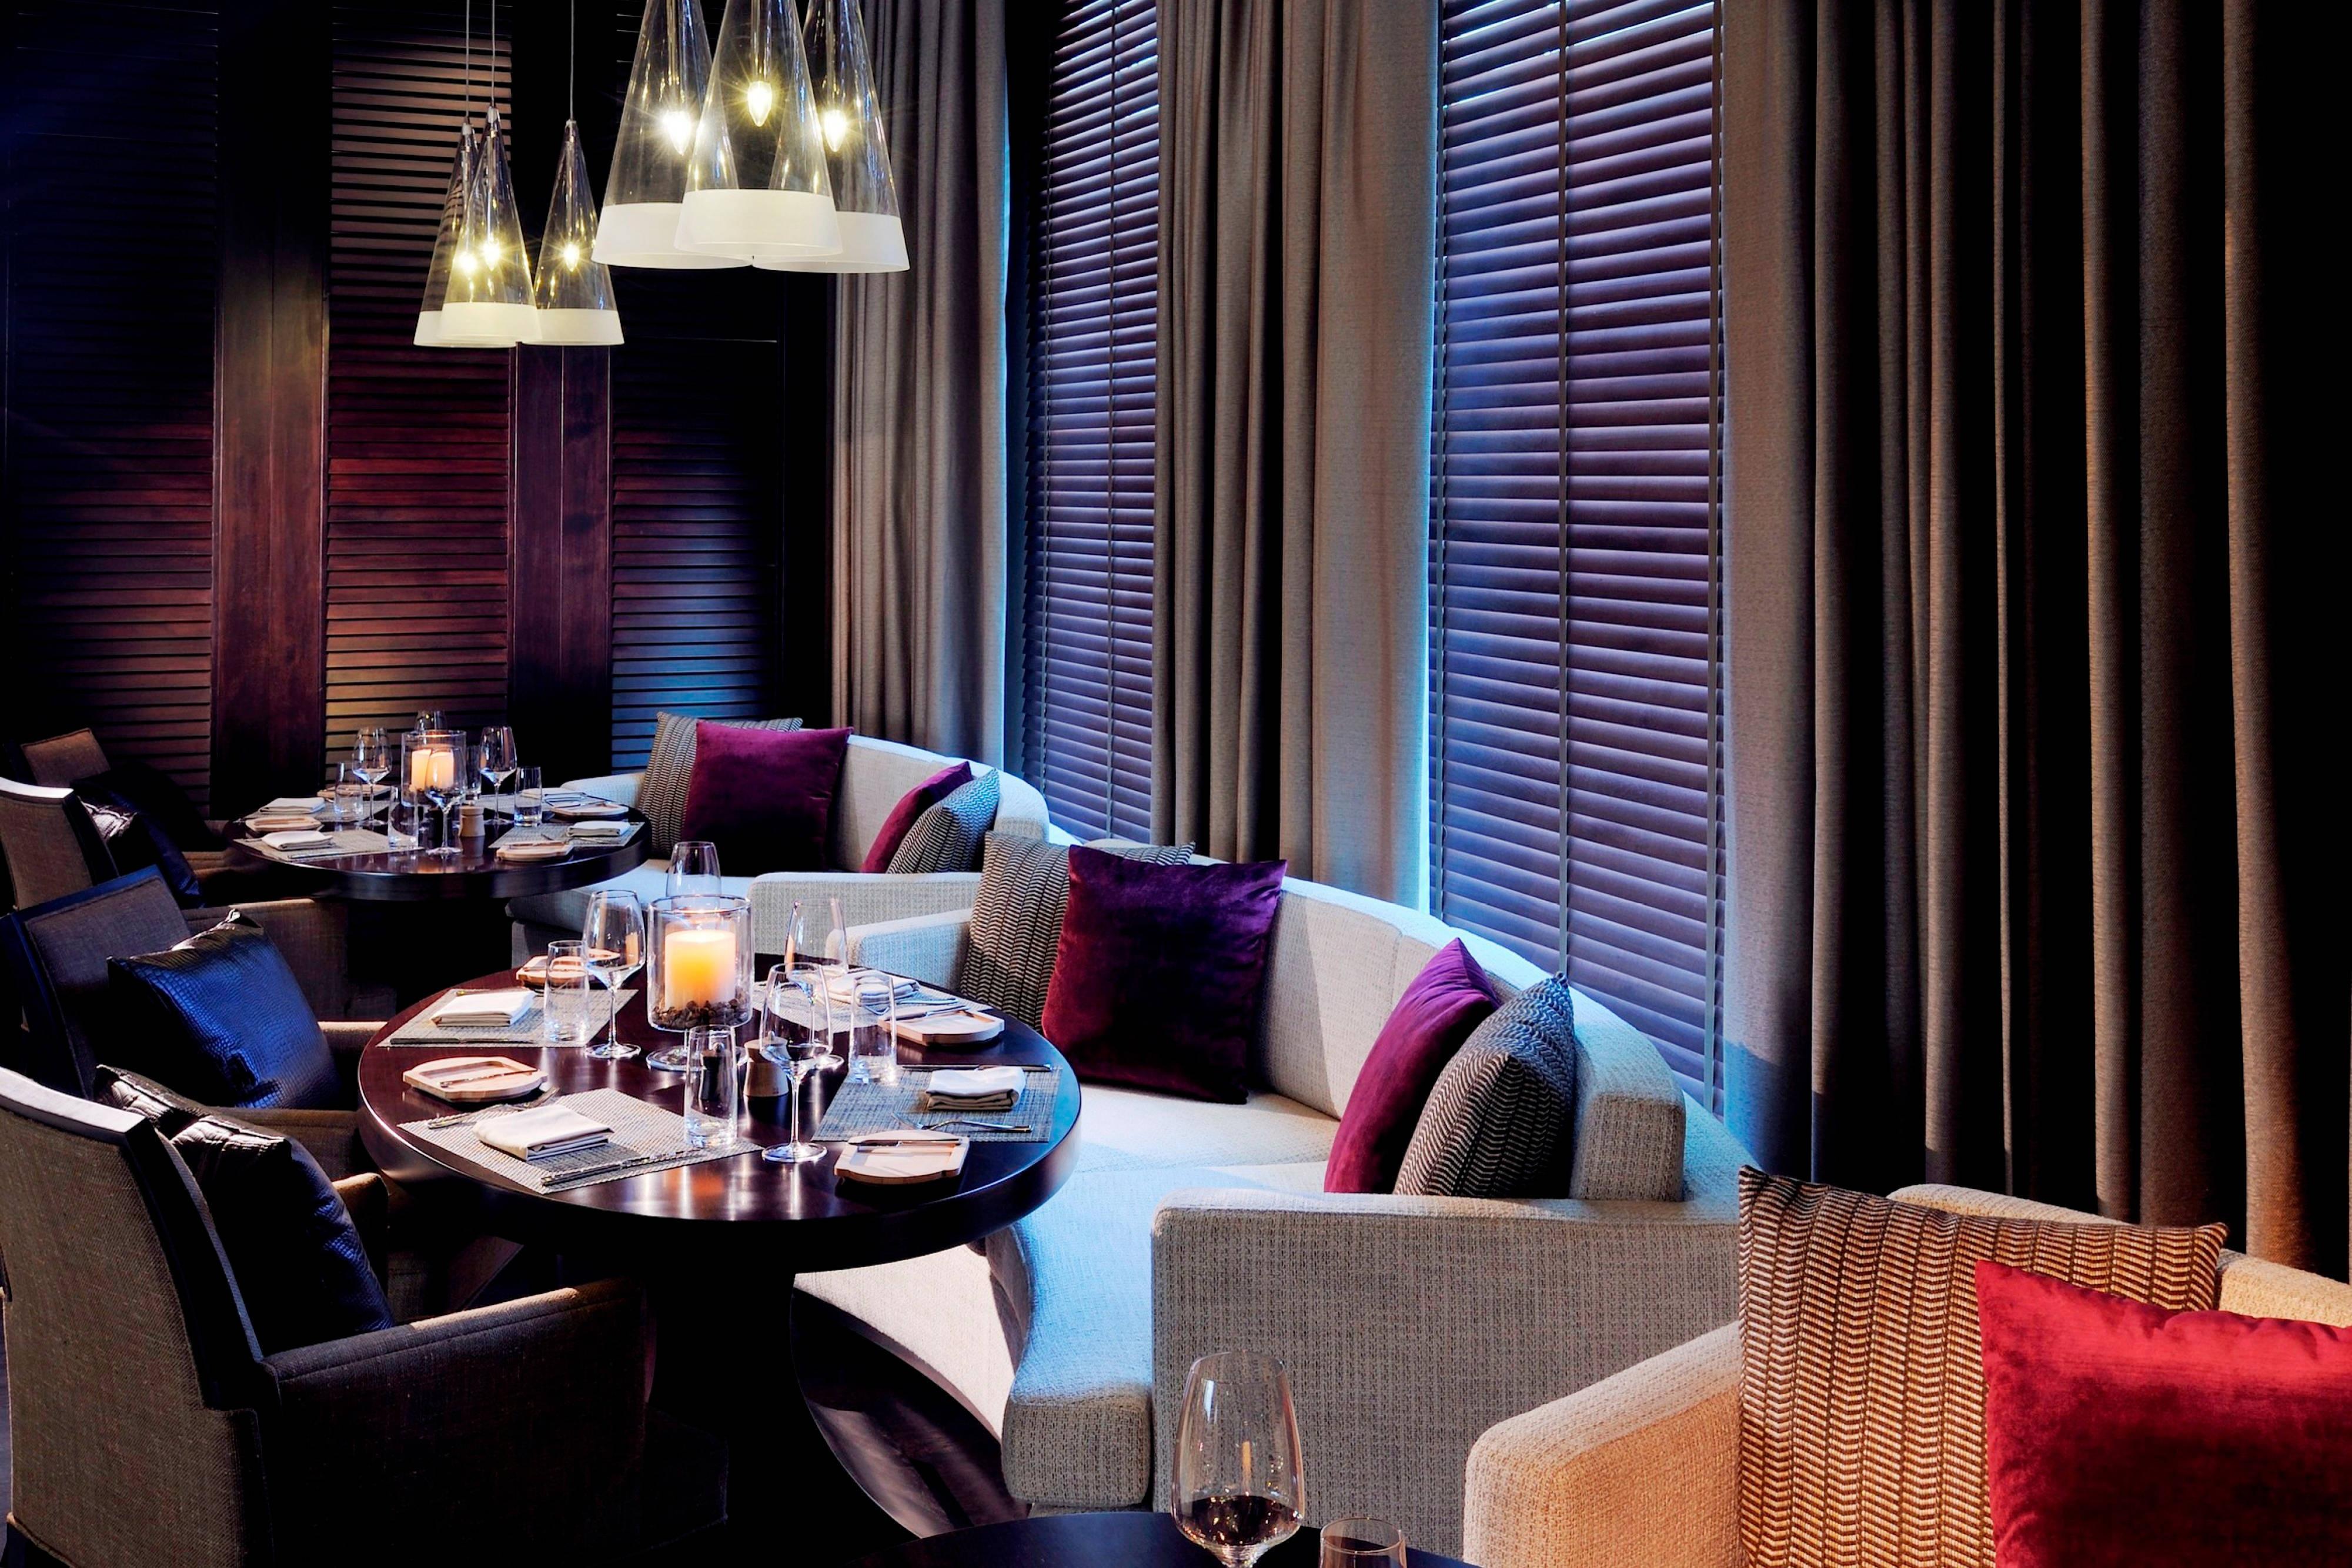 Steakhouse Restaurants in Dubai